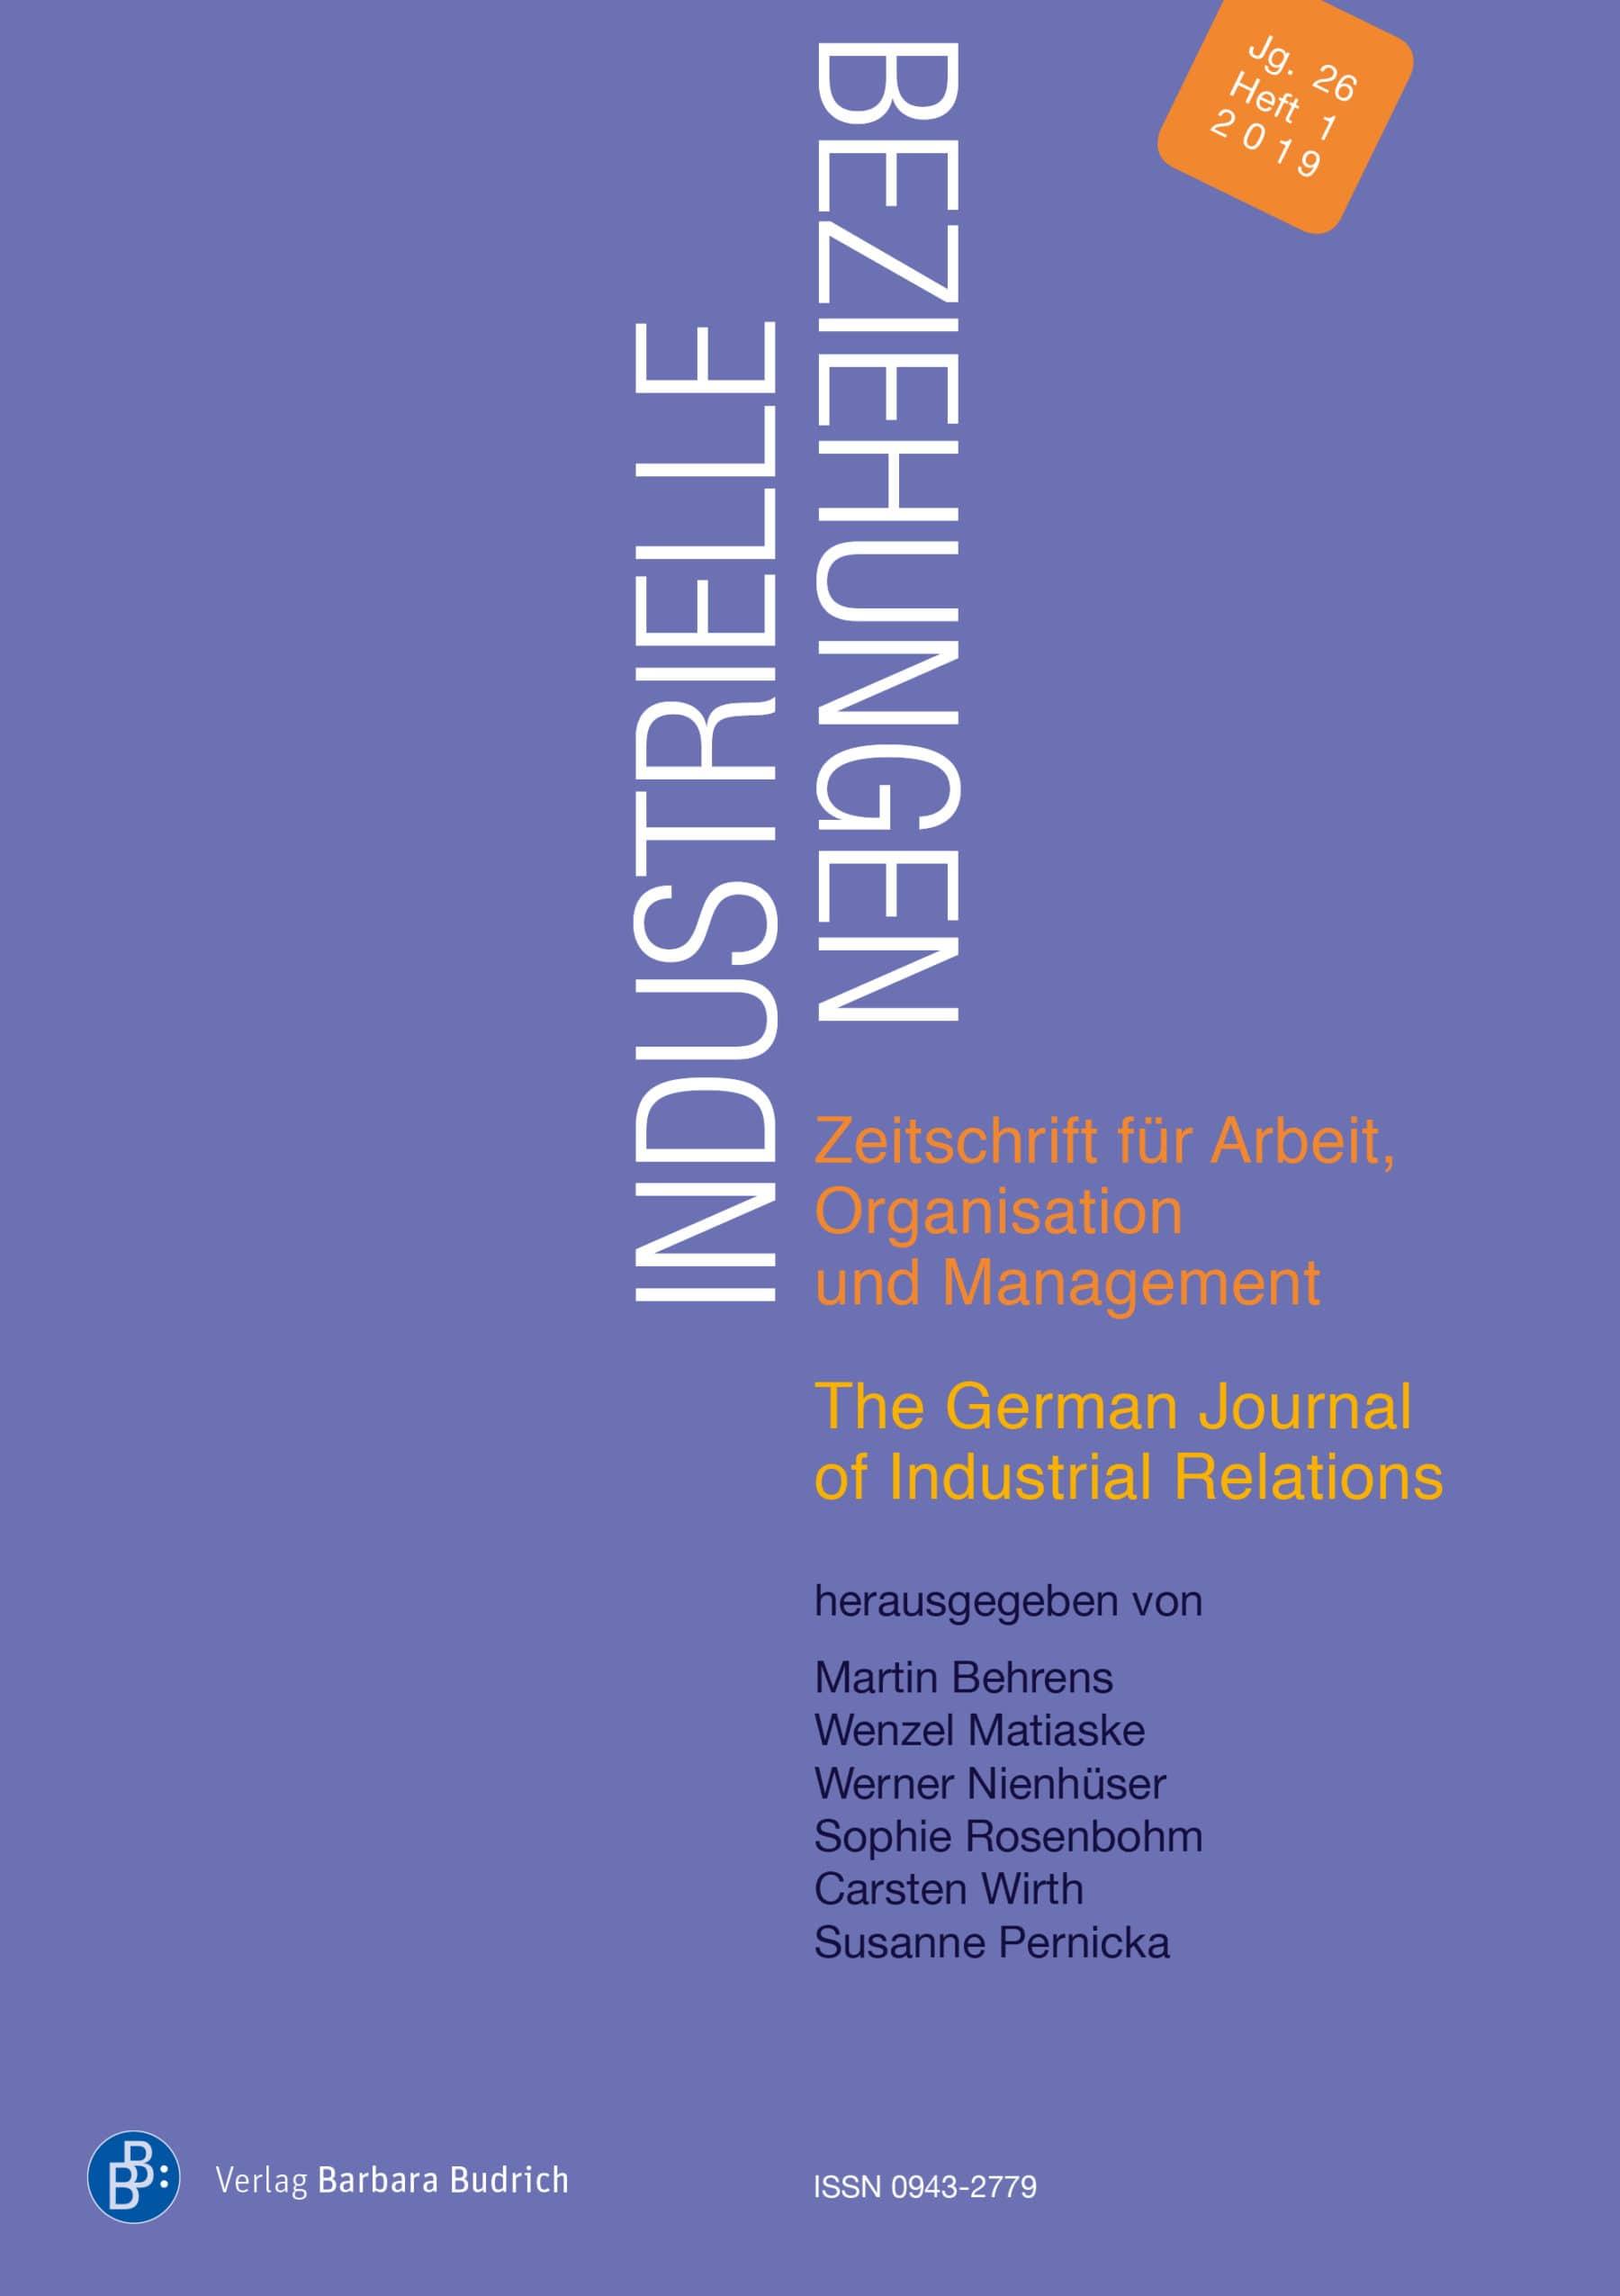 Industrielle Beziehungen. Zeitschrift für Arbeit, Organisation und Management 1-2019: Freie Beiträge